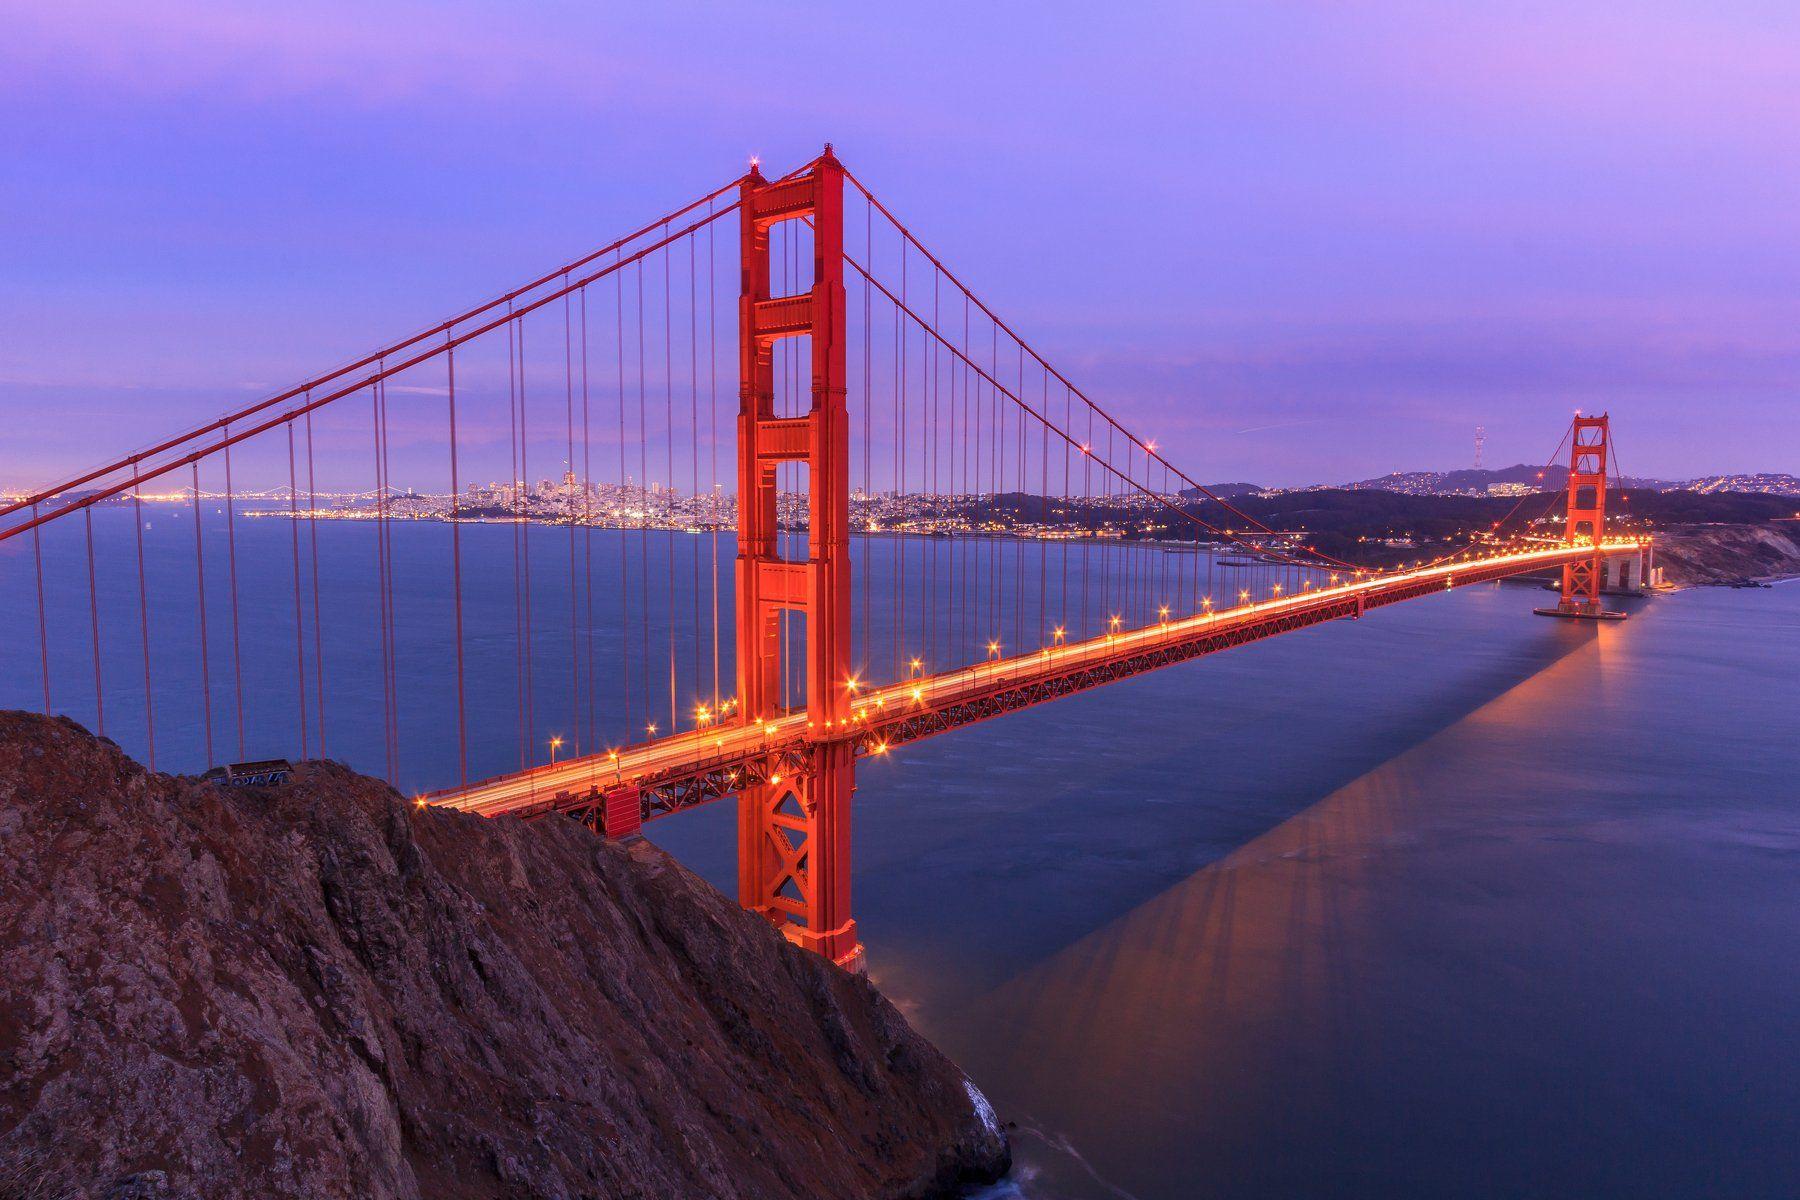 золотые ворота, мост, калифорния, сан франциско, бухта, океан, море, вода, закат, восход, Сергей Гарифуллин